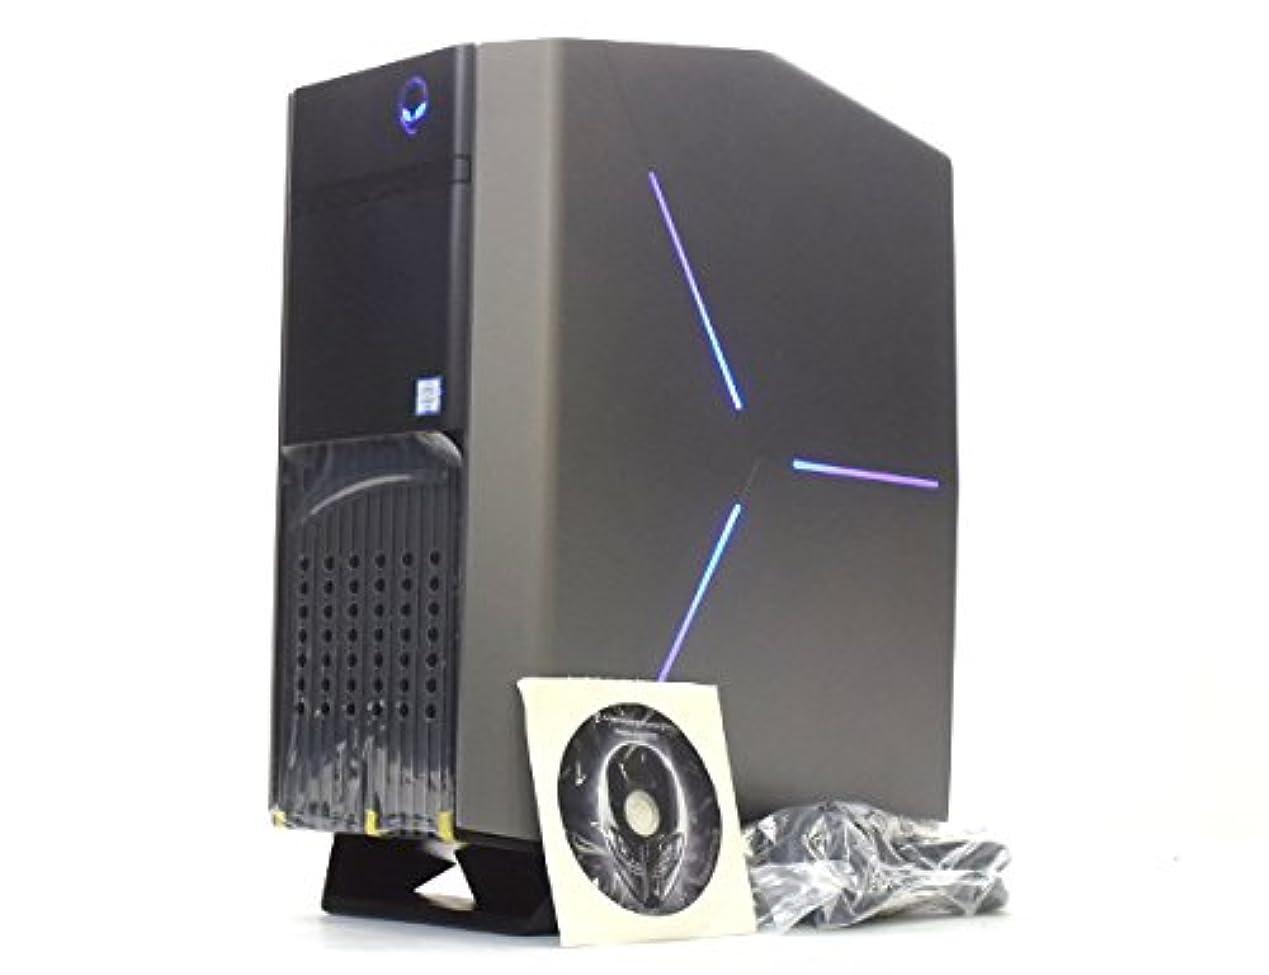 メロンあいさつ望む【中古】 DELL Alienware Aurora R5 i7 6700 3.4GHz 16GB 512SSD GTX1070